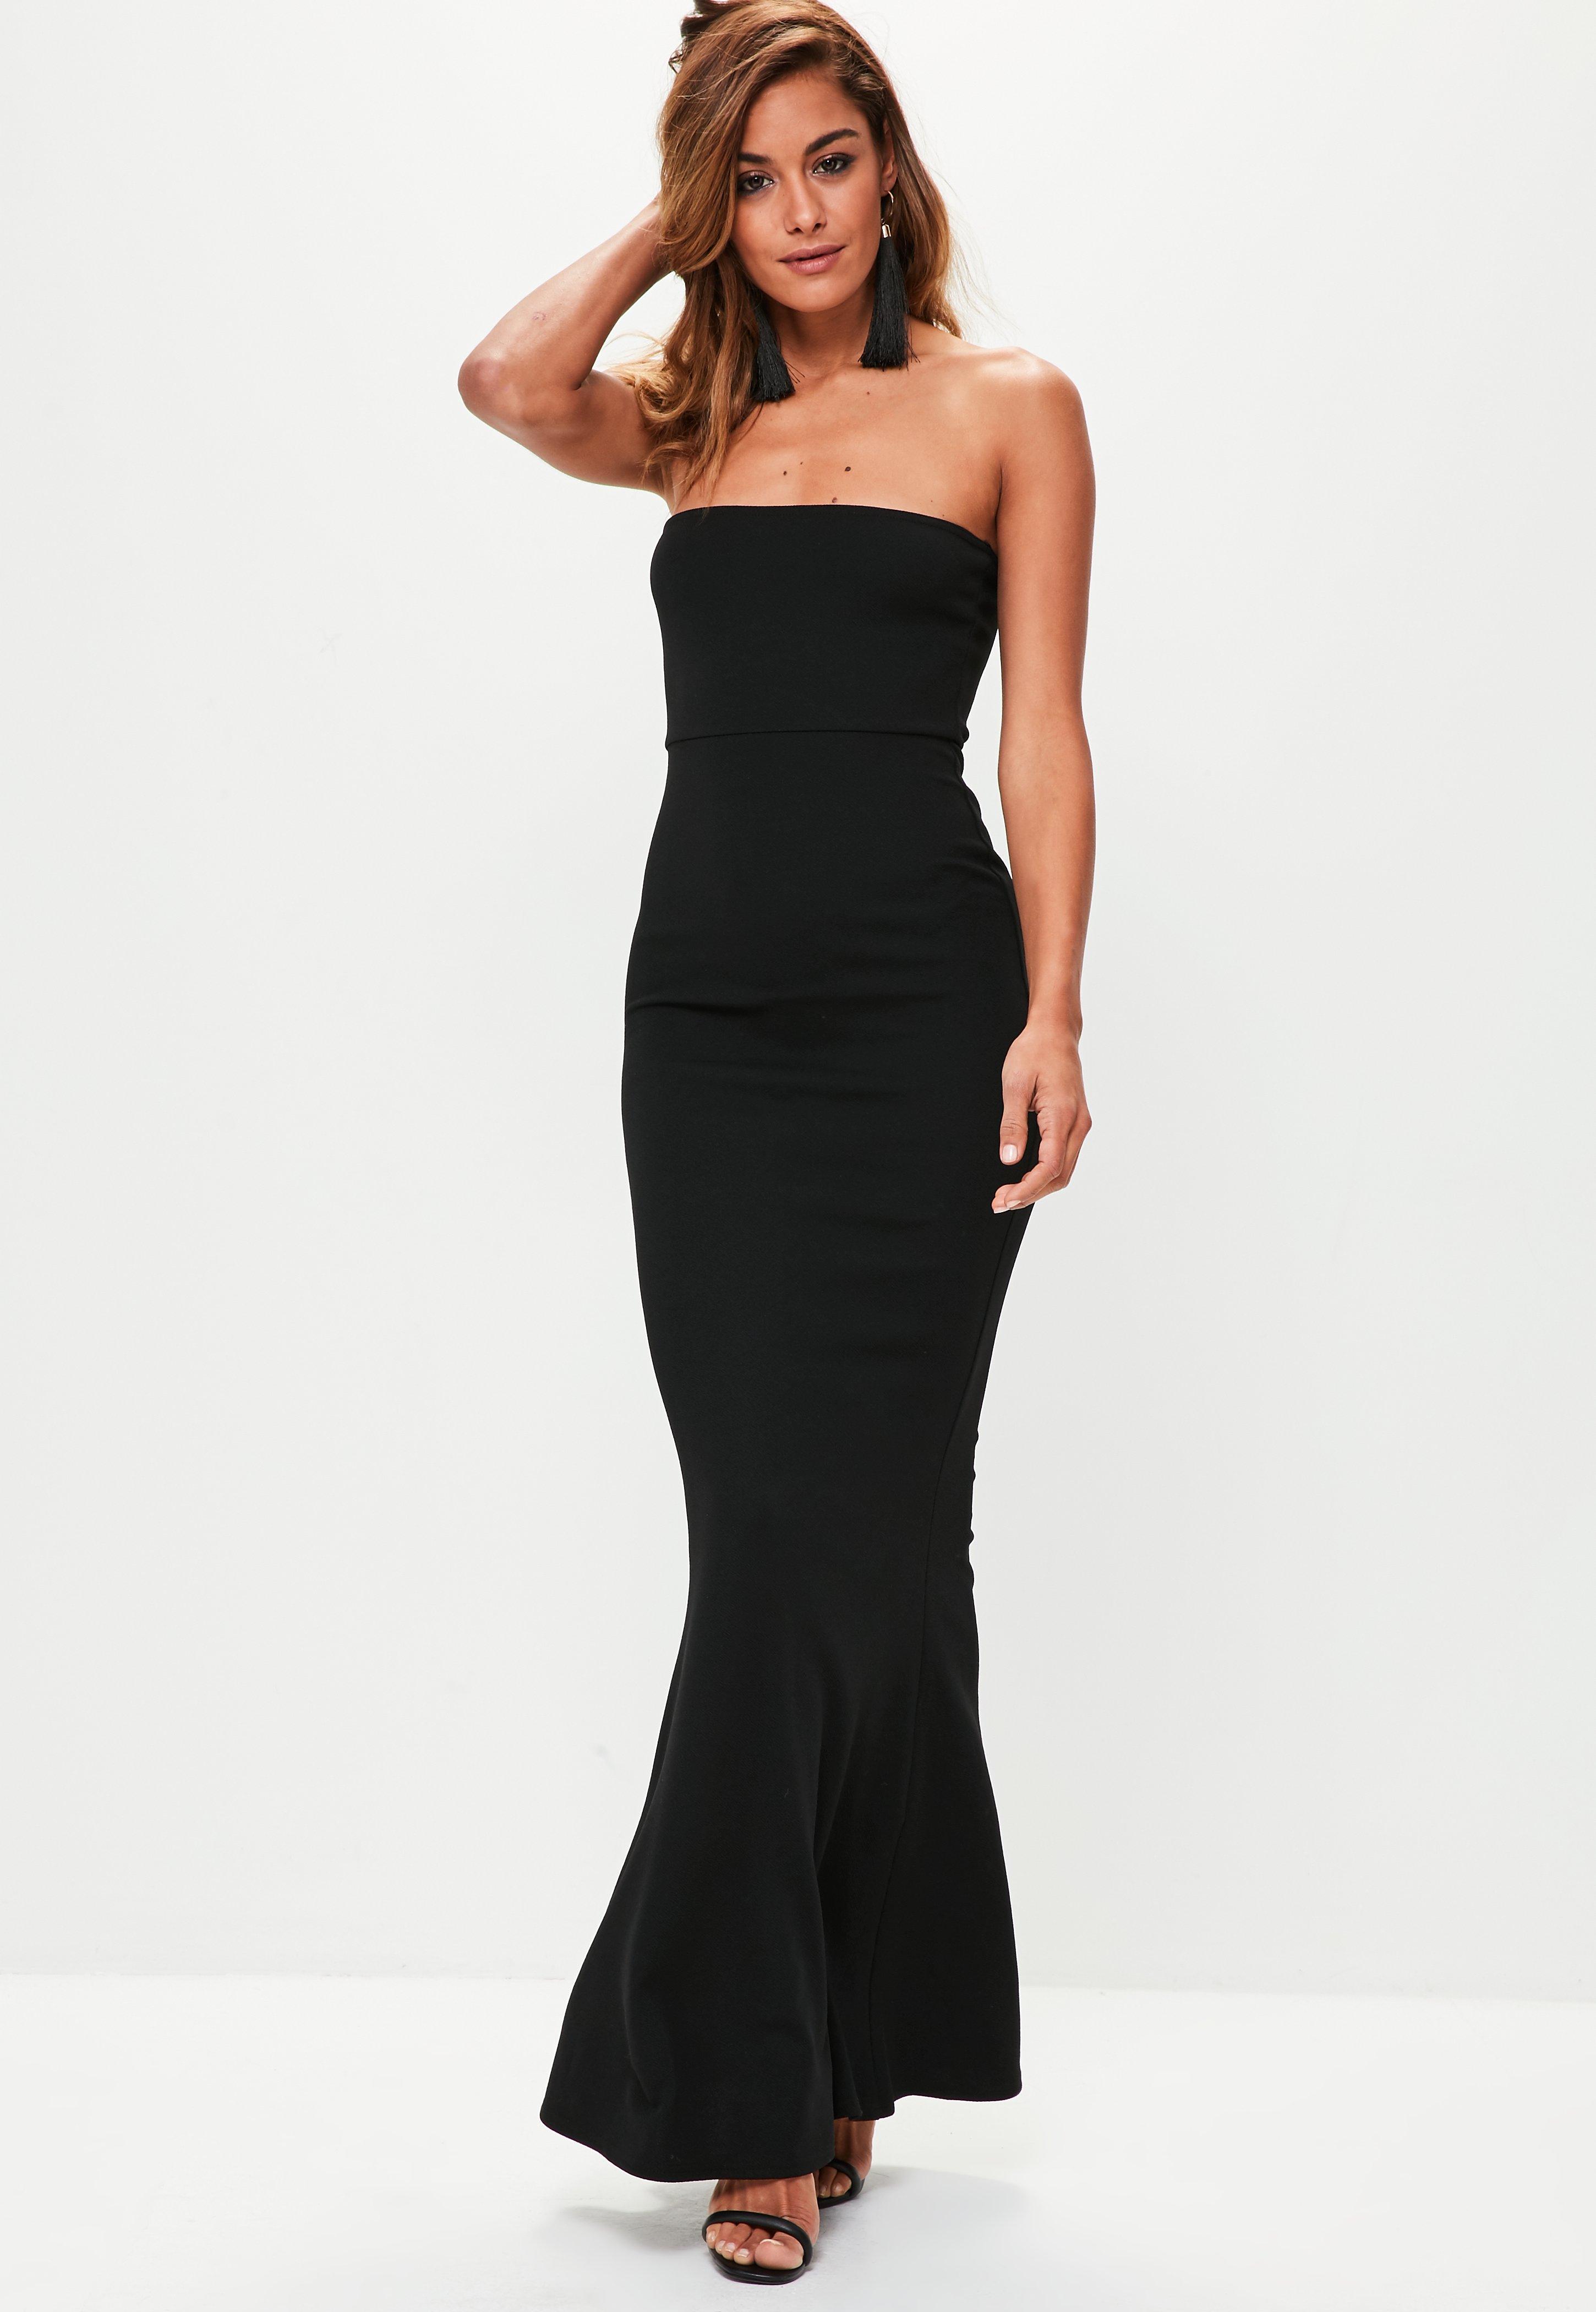 Black Crepe Sleeveless Maxi Dress Black Crepe Sleeveless Maxi Dress